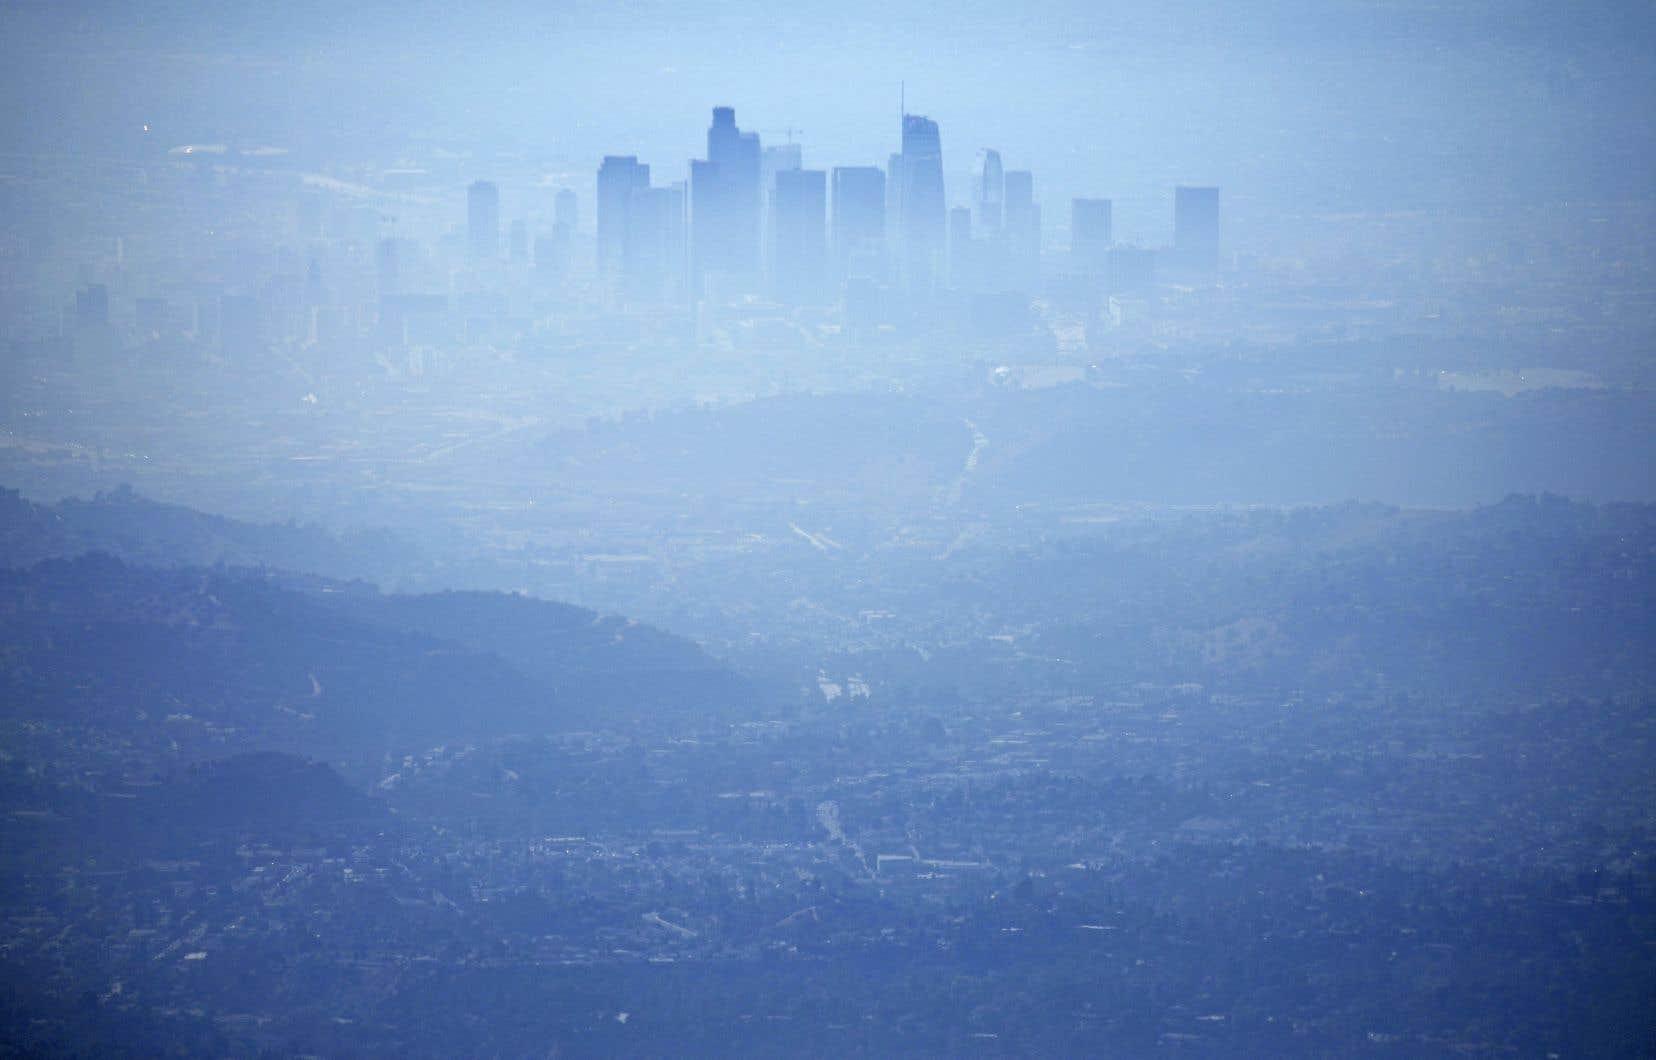 Le centre-ville de Los Angeles, vu de Pasadena, baignait dans un nuage de smog au milieu de la journée de mardi. La qualité de l'air a été qualifiée de «mauvaise» pour la santé des gens éprouvant des difficultés respiratoires par les autorités sanitaires.